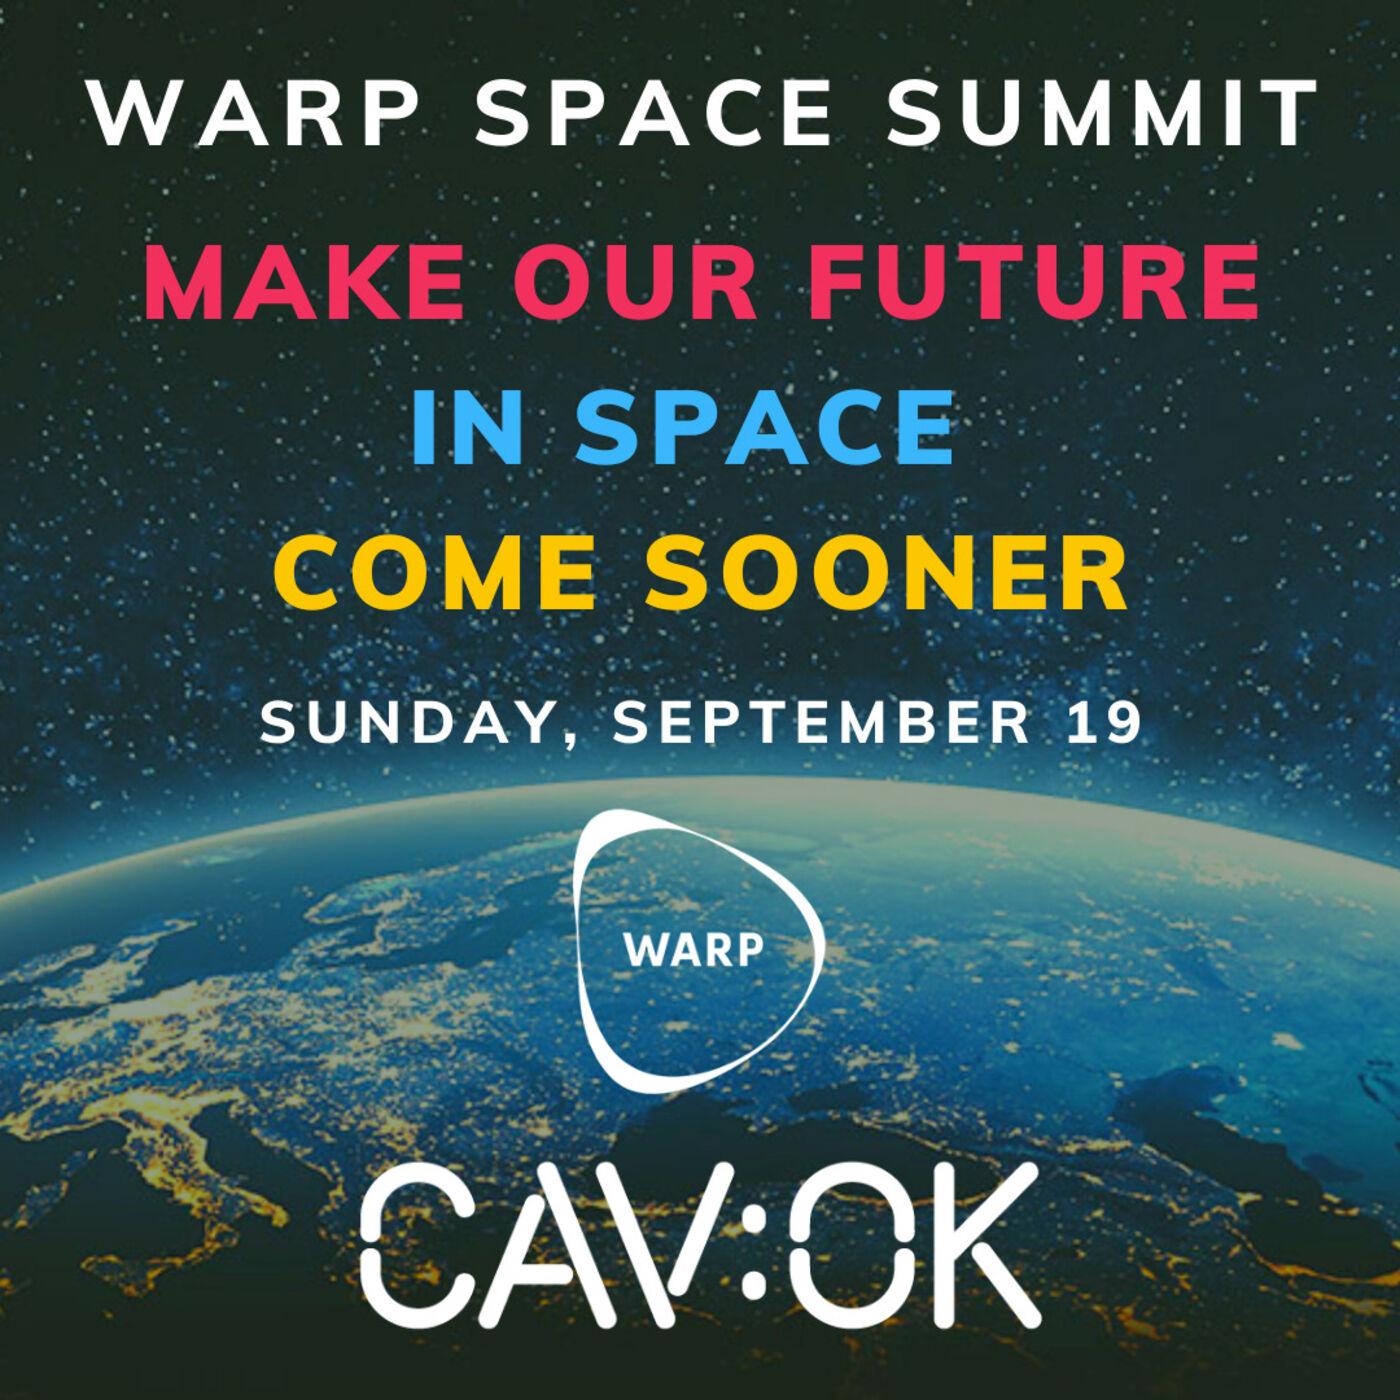 🚀 The Warp Space Summit!